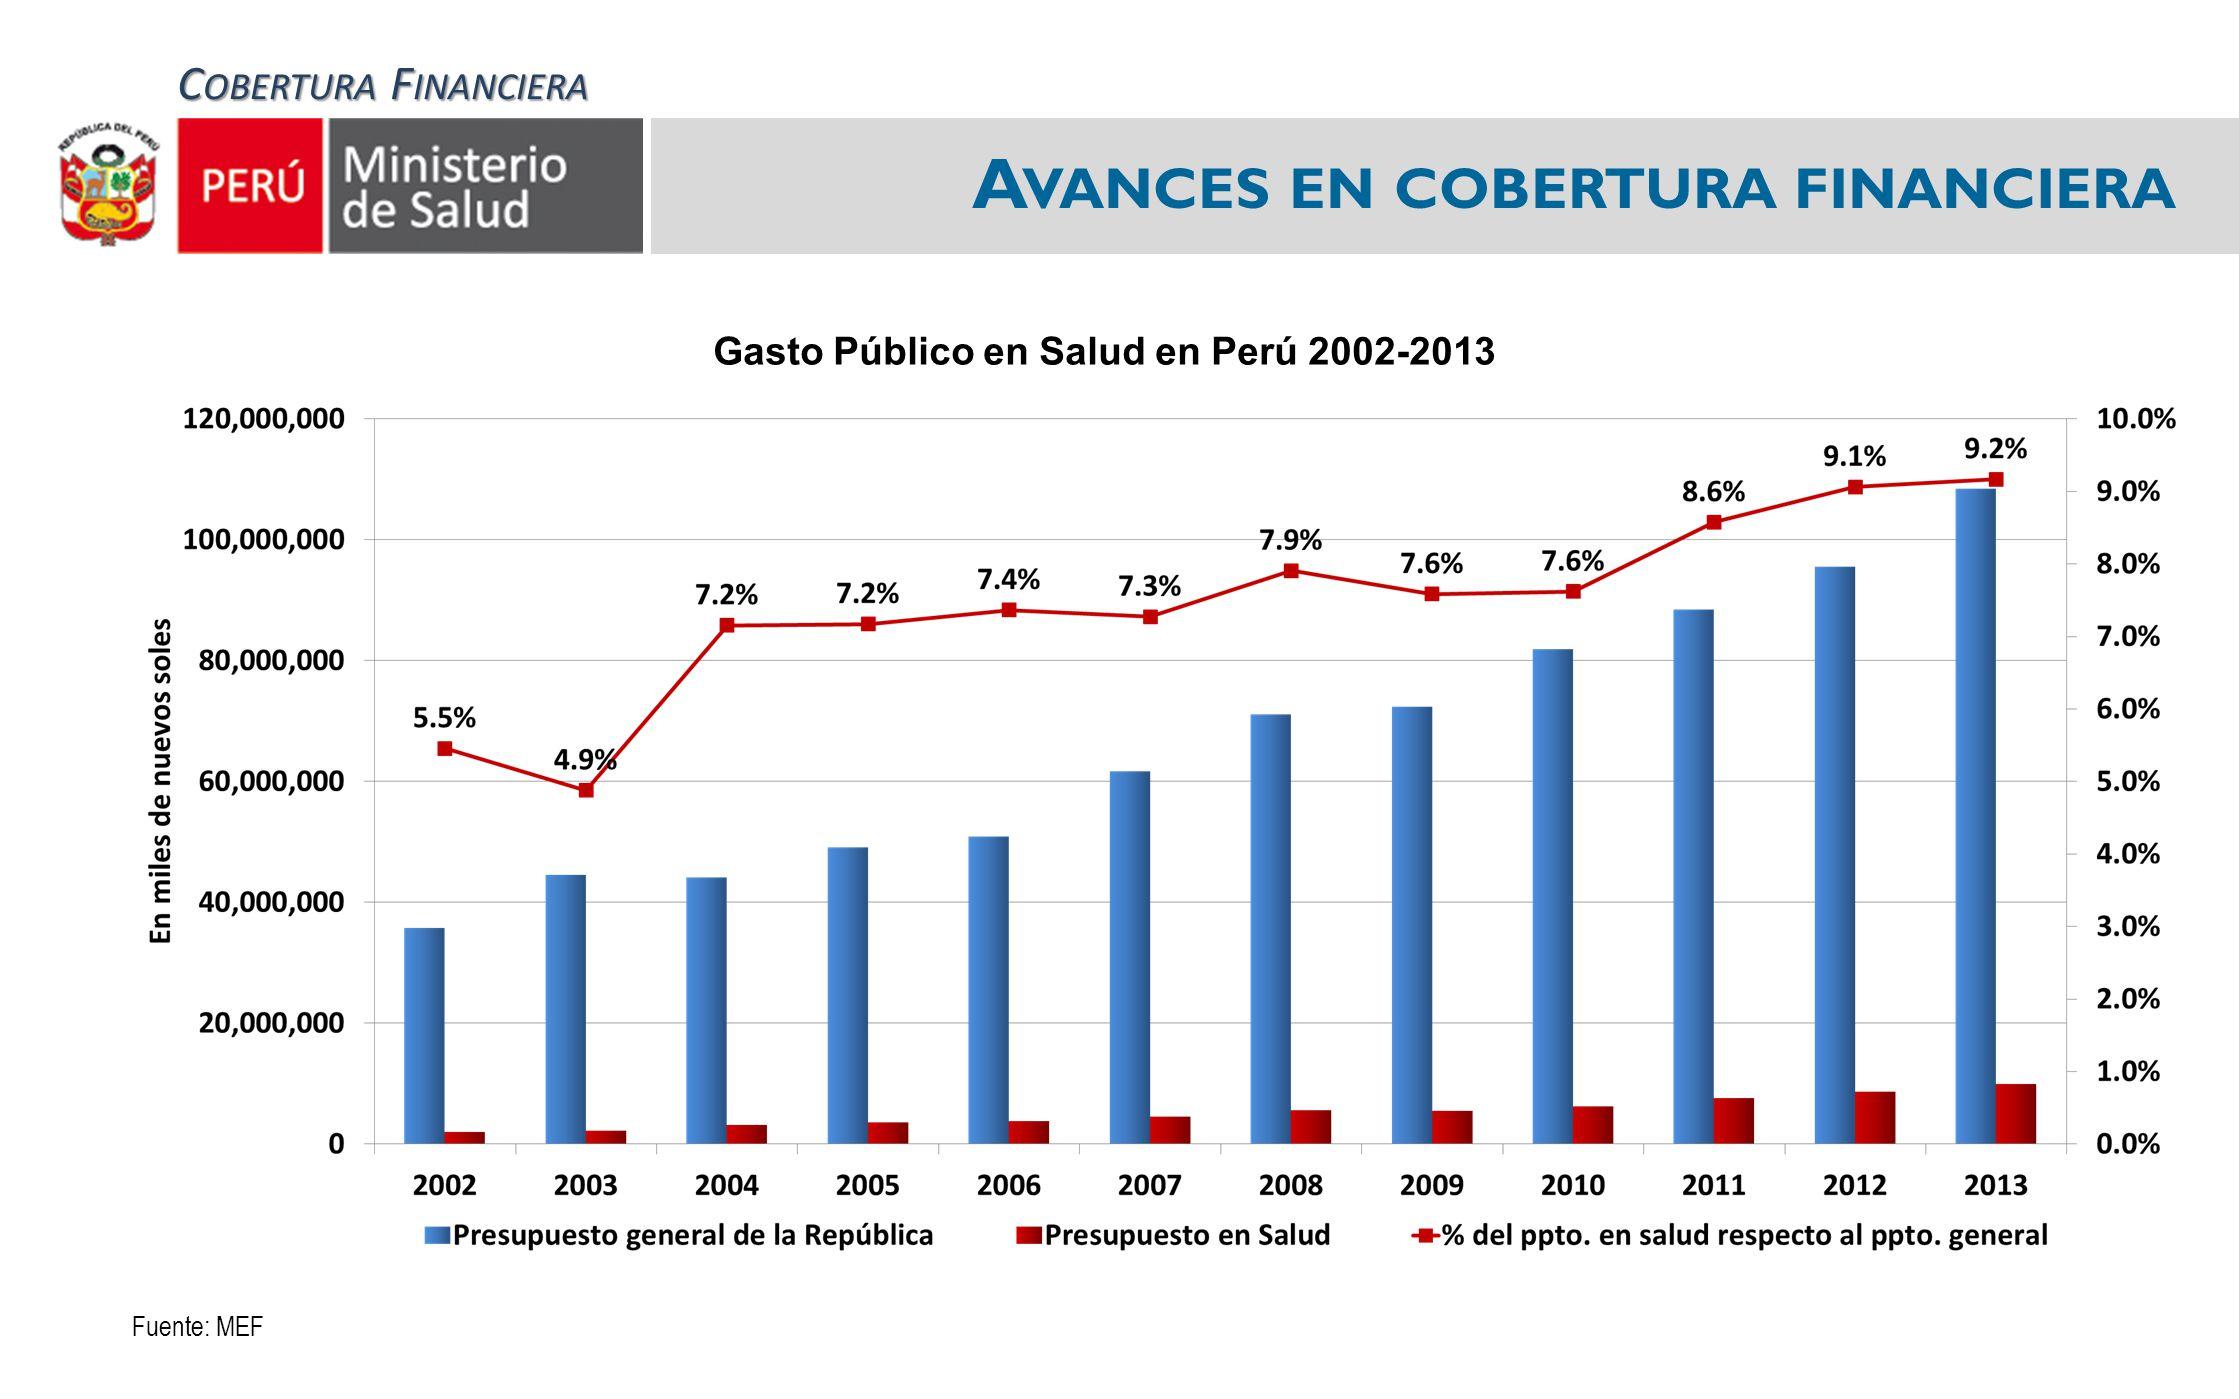 A VANCES EN COBERTURA FINANCIERA Gasto Público en Salud en Perú 2002-2013 Fuente: MEF C OBERTURA F INANCIERA